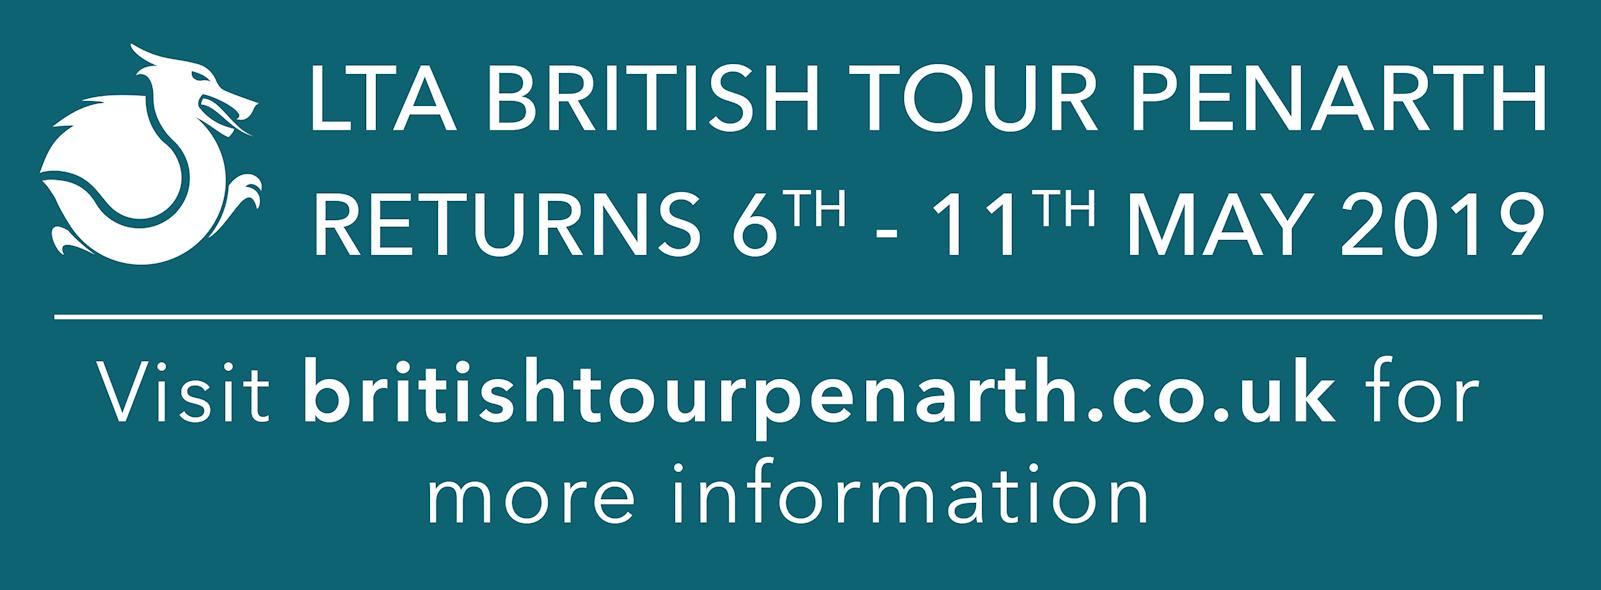 LTA British Tour Penarth